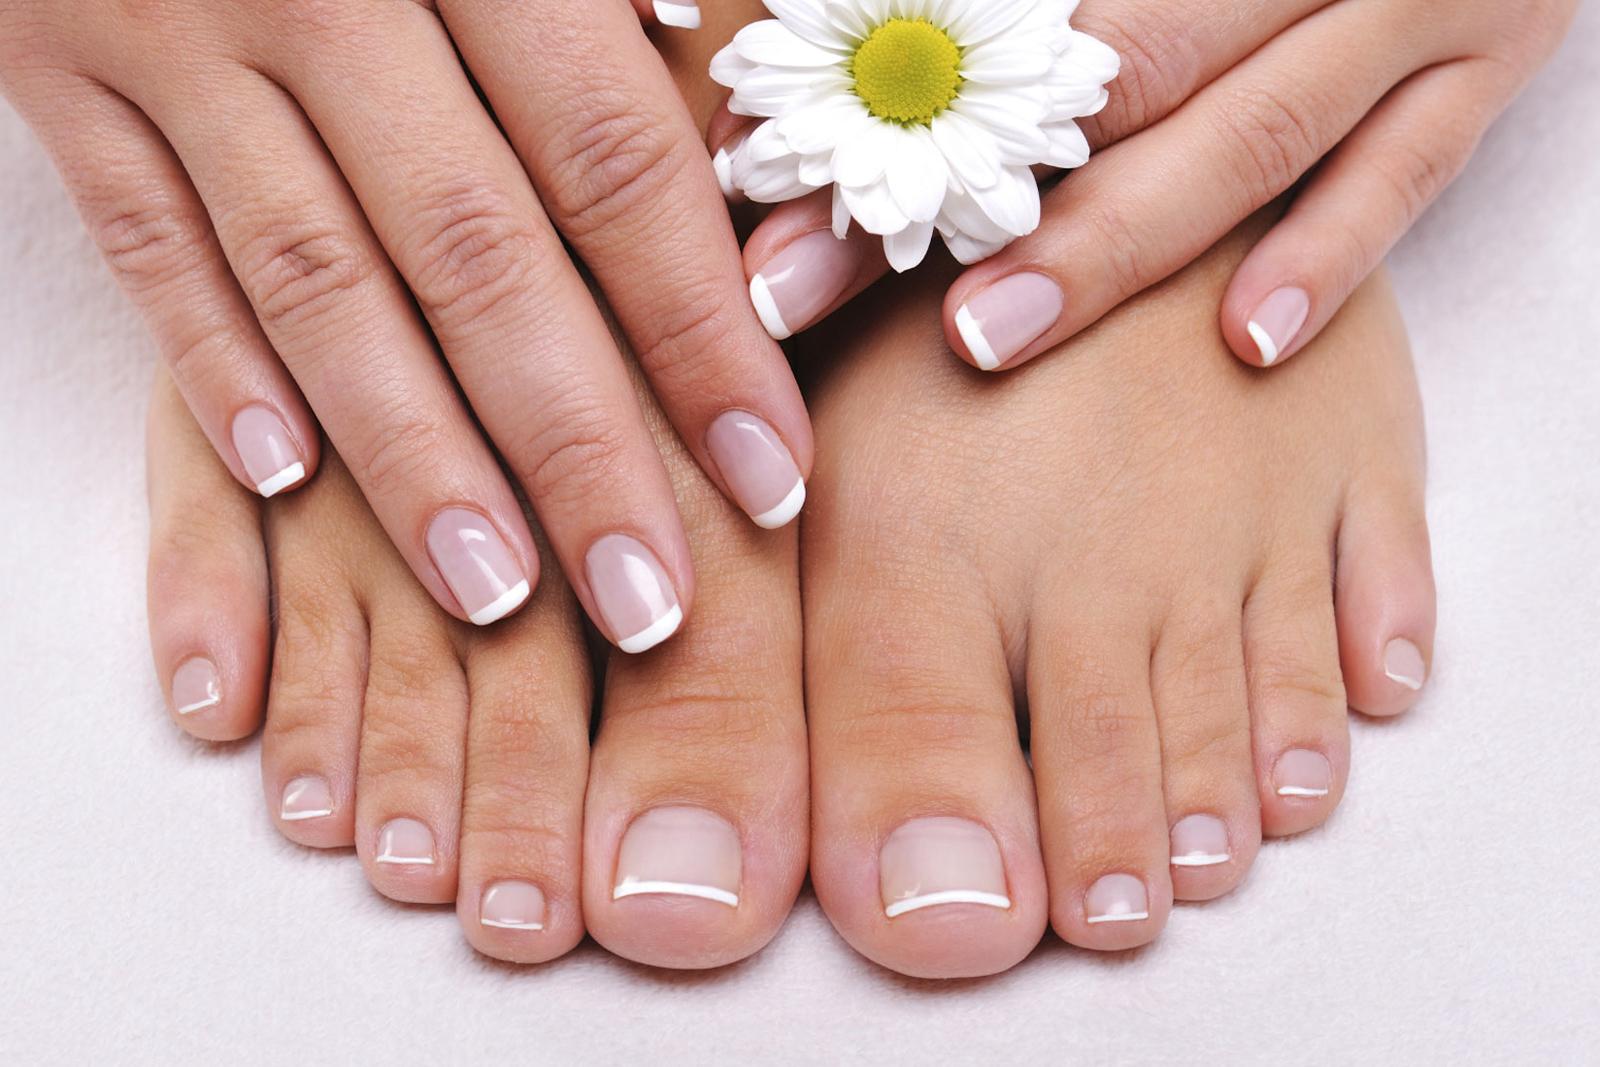 Ricostruzione delle unghie dei piedi: cosa devi sapere e quali prodotti usare